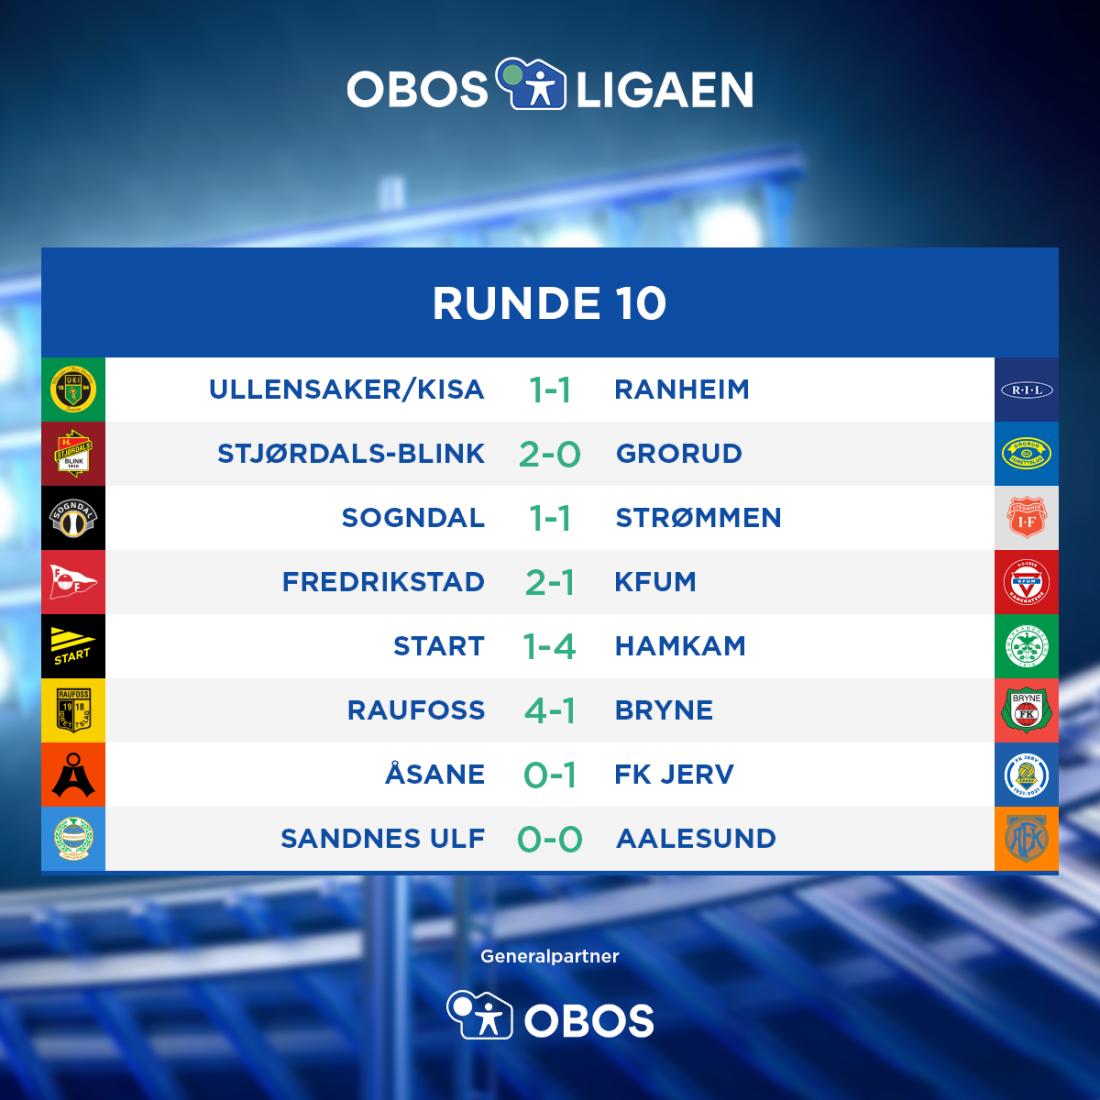 OBOS-ligaen - 2021 - Resultater - Runde 10.png